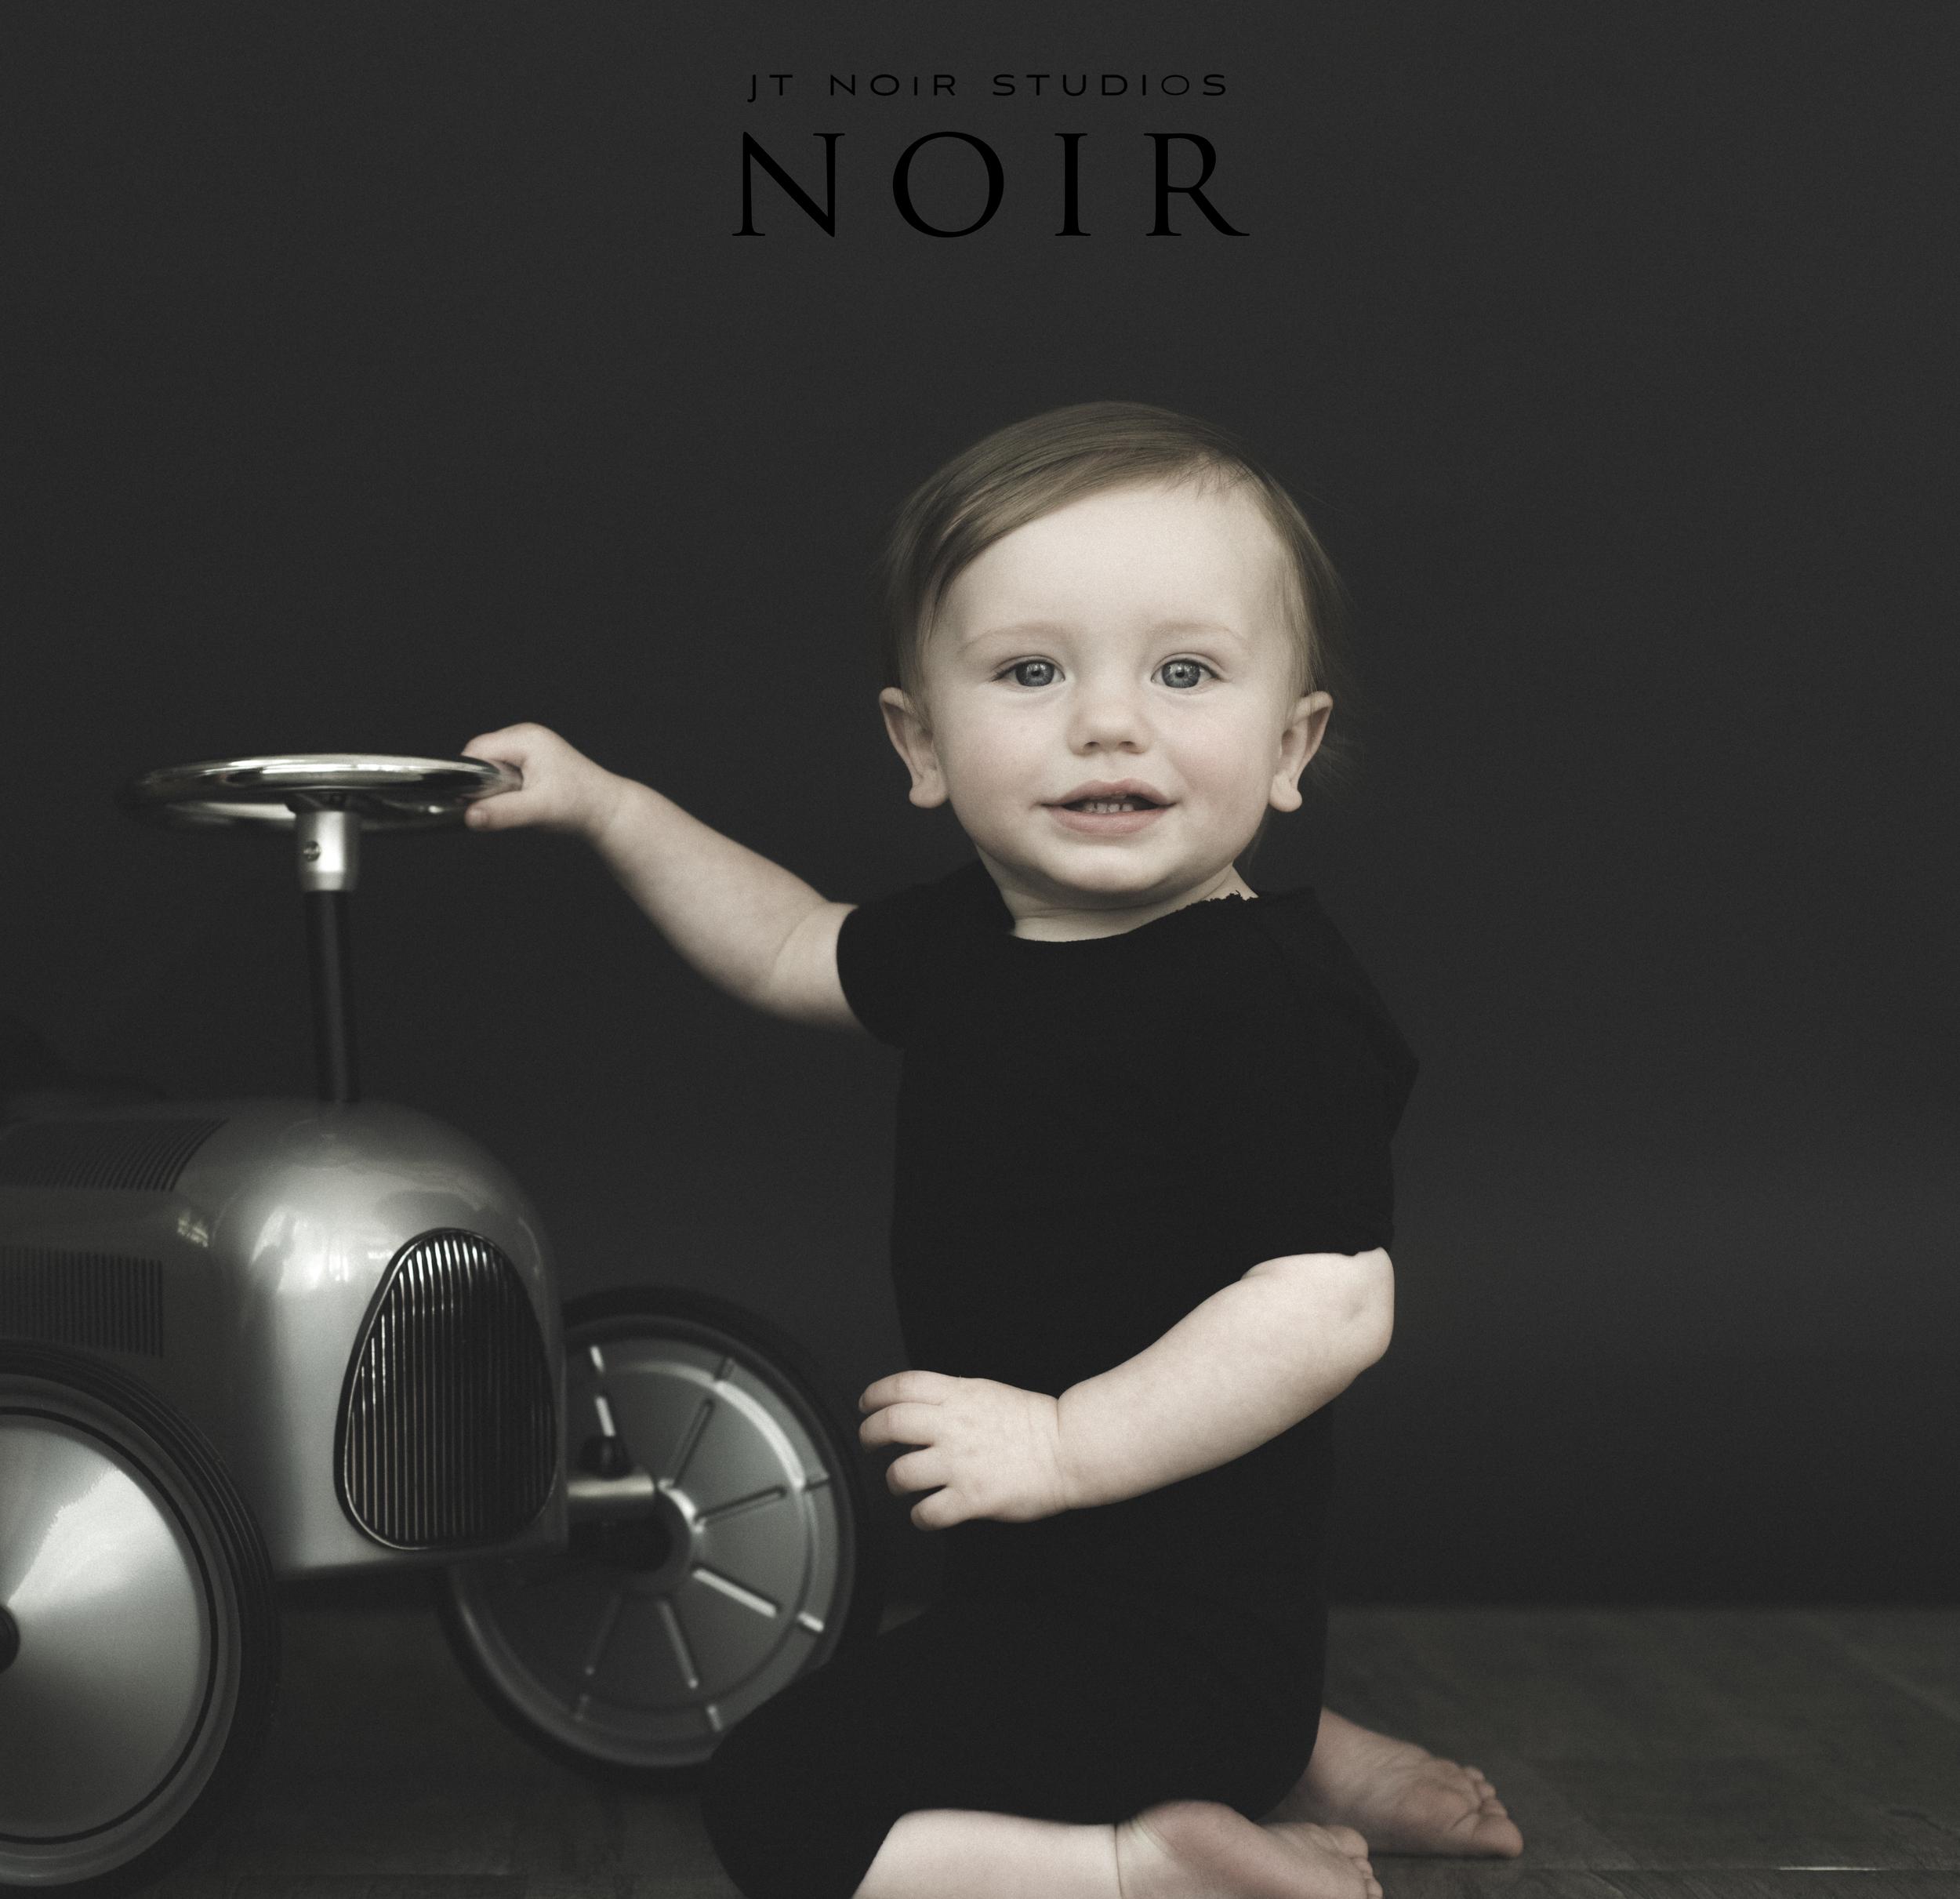 JTNoirstudios_Modeling_toddler_Lincoln_GoatsMilkClothing_5_2016.jpg